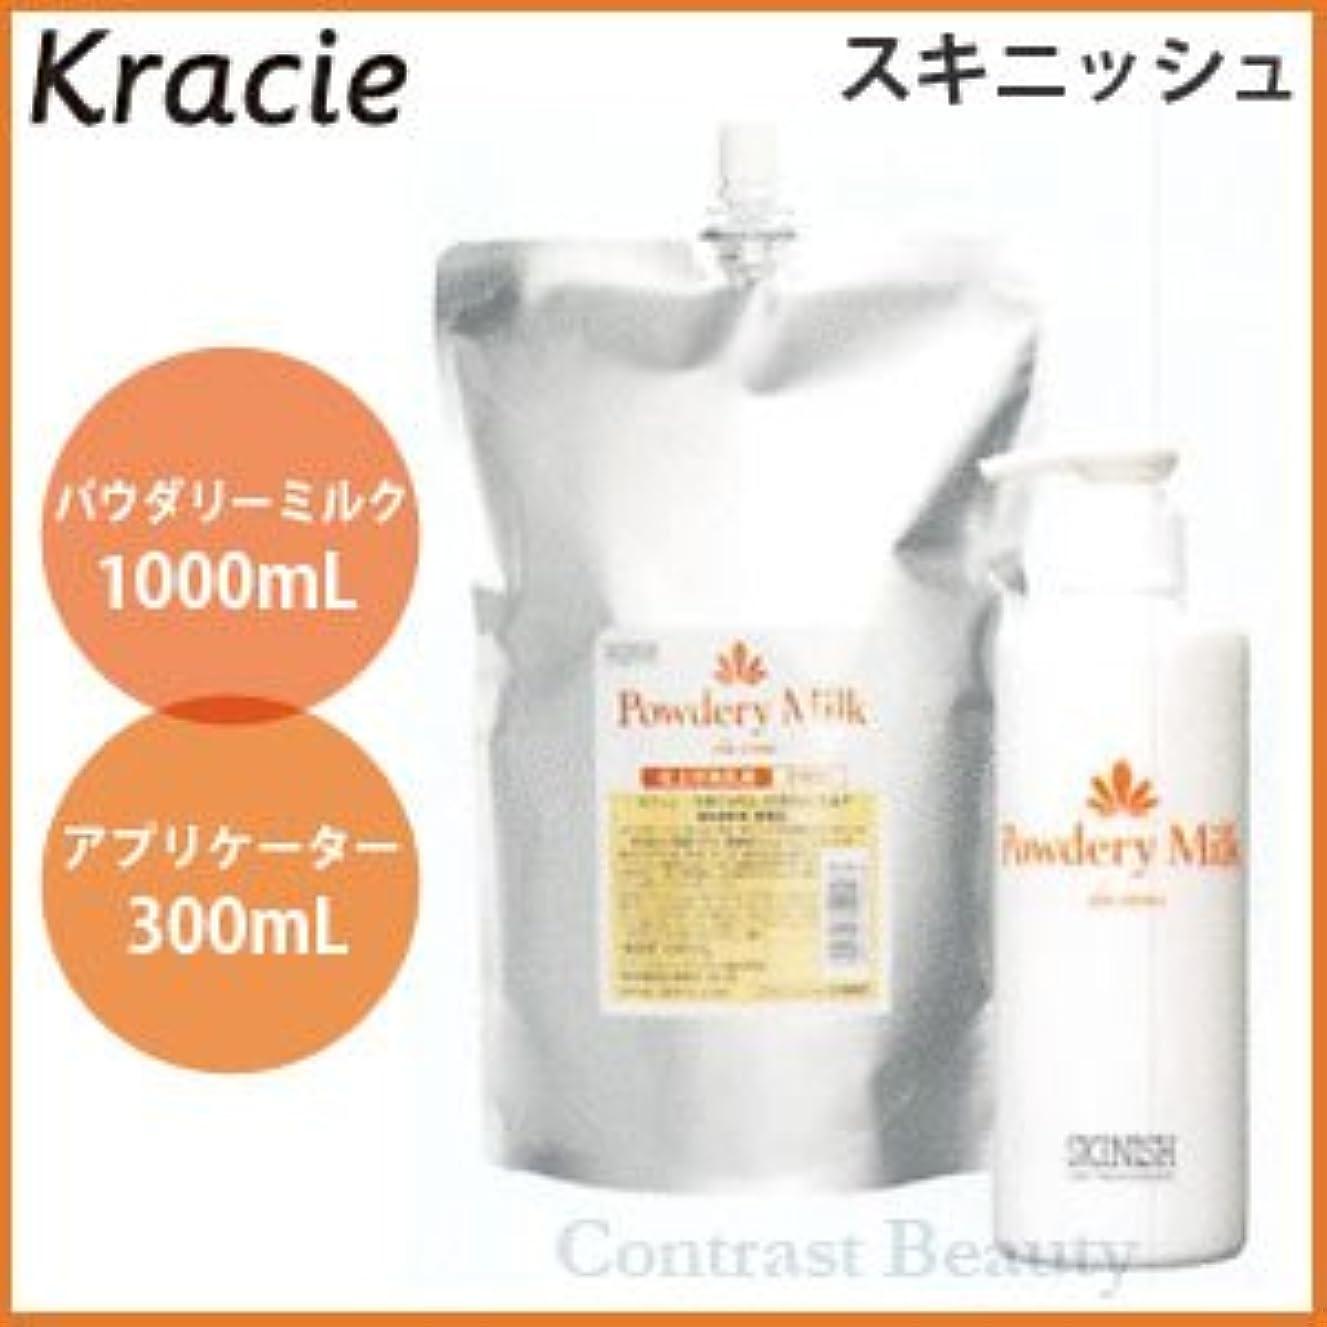 綺麗な滅多メールクラシエ スキニッシュ パウダリーミルク 1000ml 詰替え用 & アプリケーター 300ml